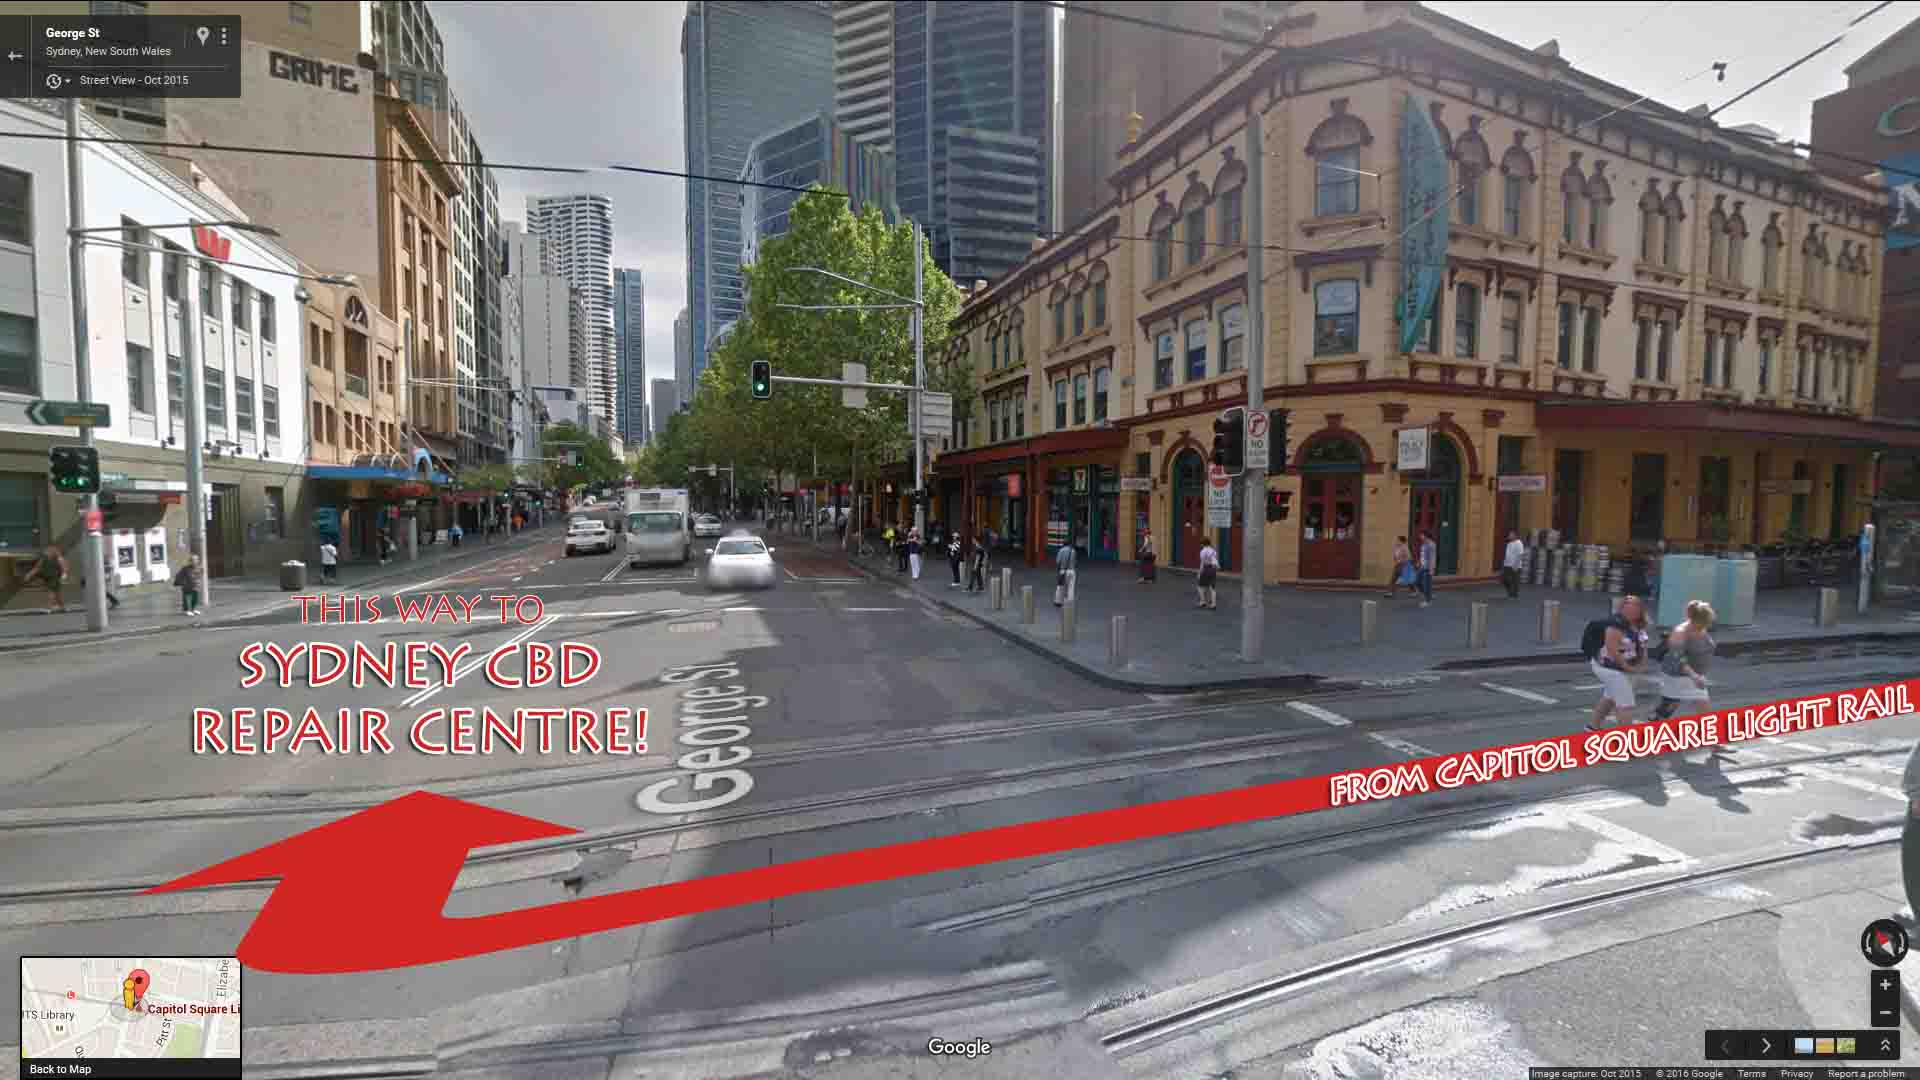 Capitol Square Light Rail to Sydney CBD Repair Centre